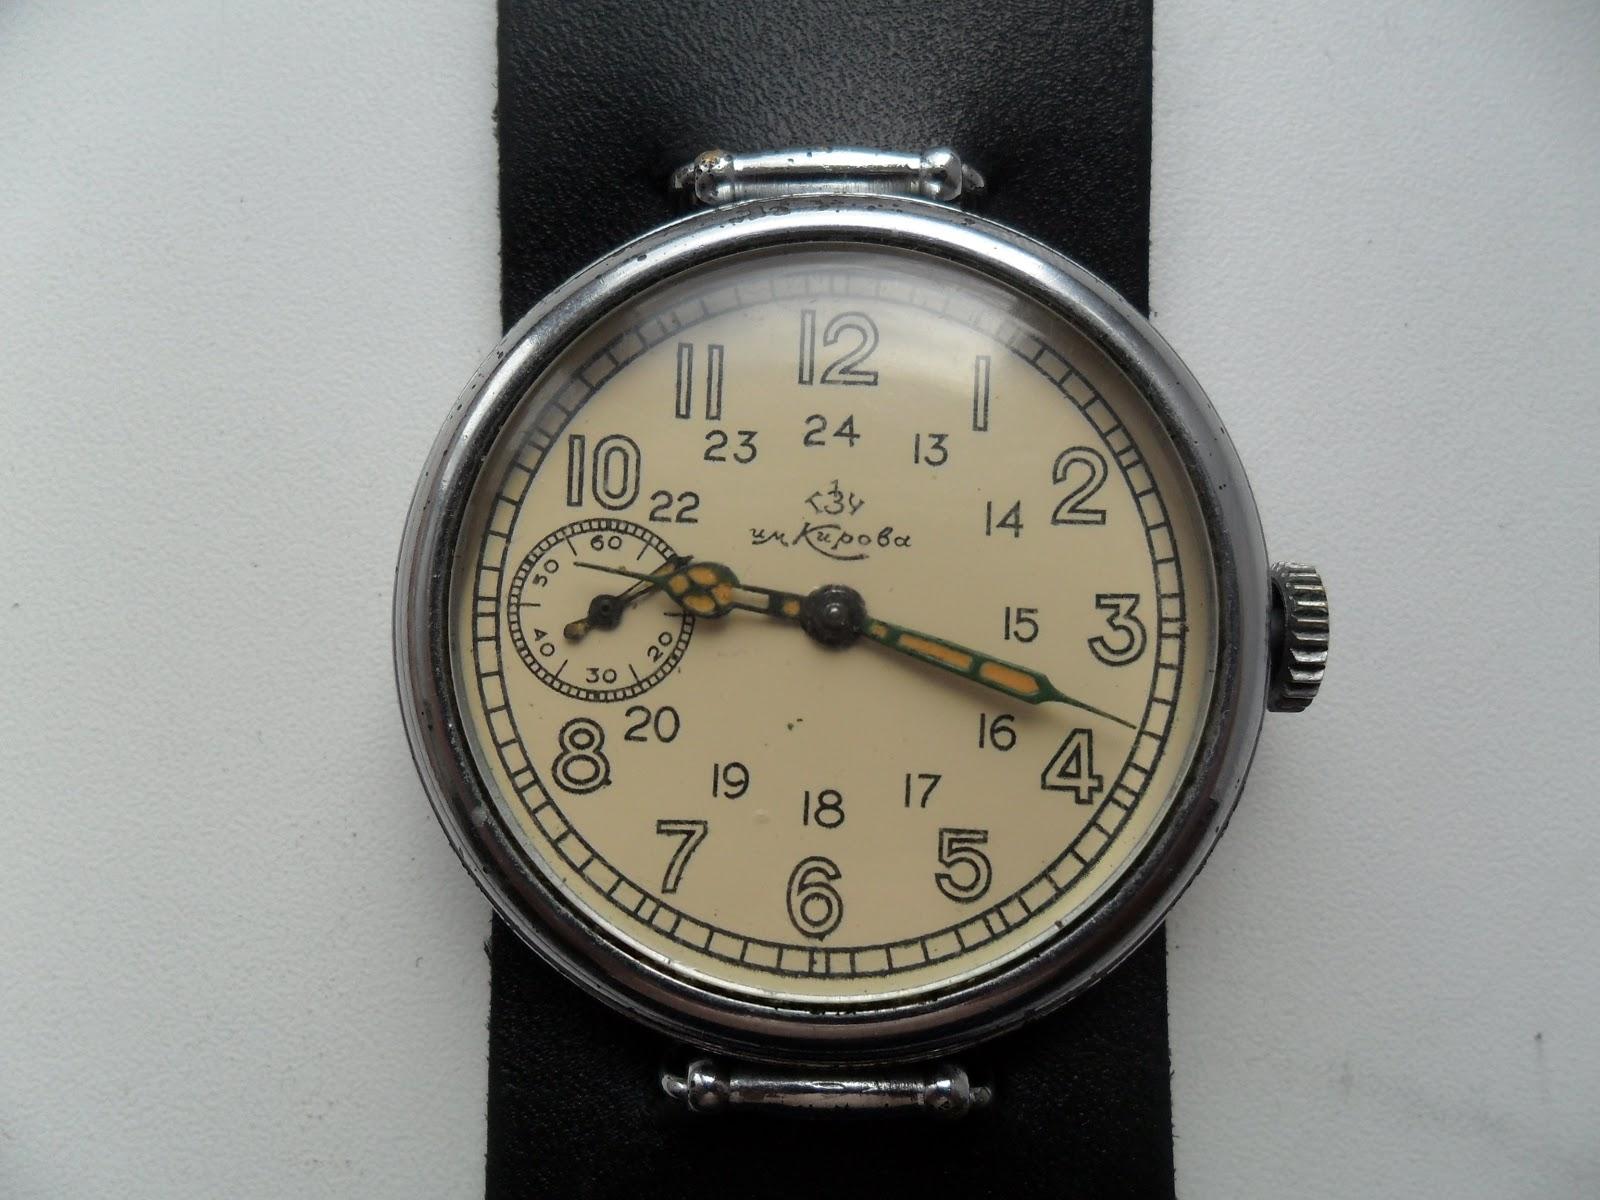 Часы с историей и несмотря на то,что это современная версия поистине легендарных исторических часов,очень аутентичны.